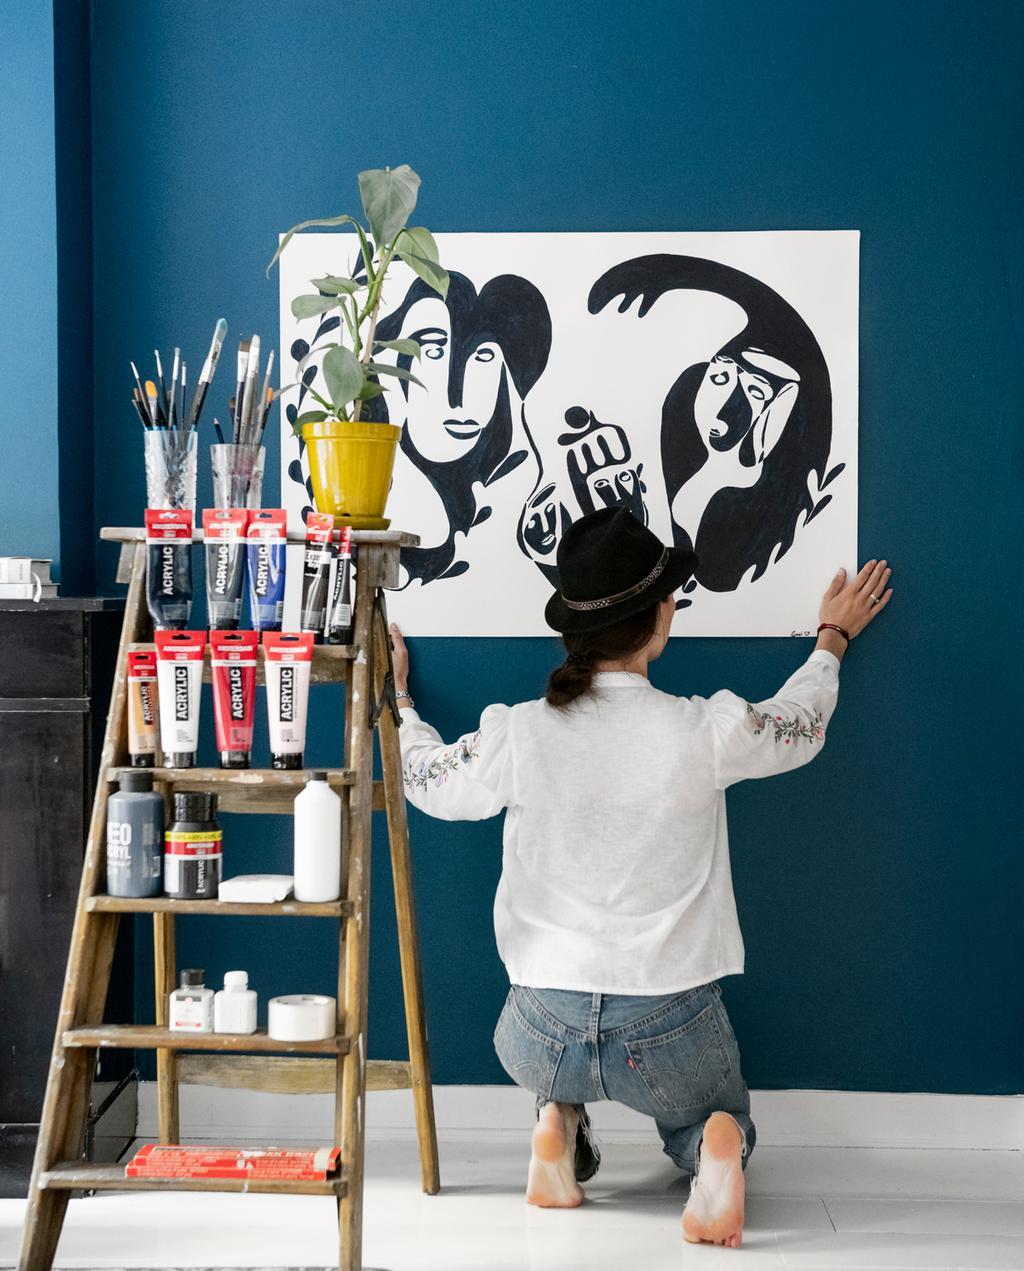 vtwonen 1-2020 | Binnenkijken in een benedenwoning in Amsterdam atelier